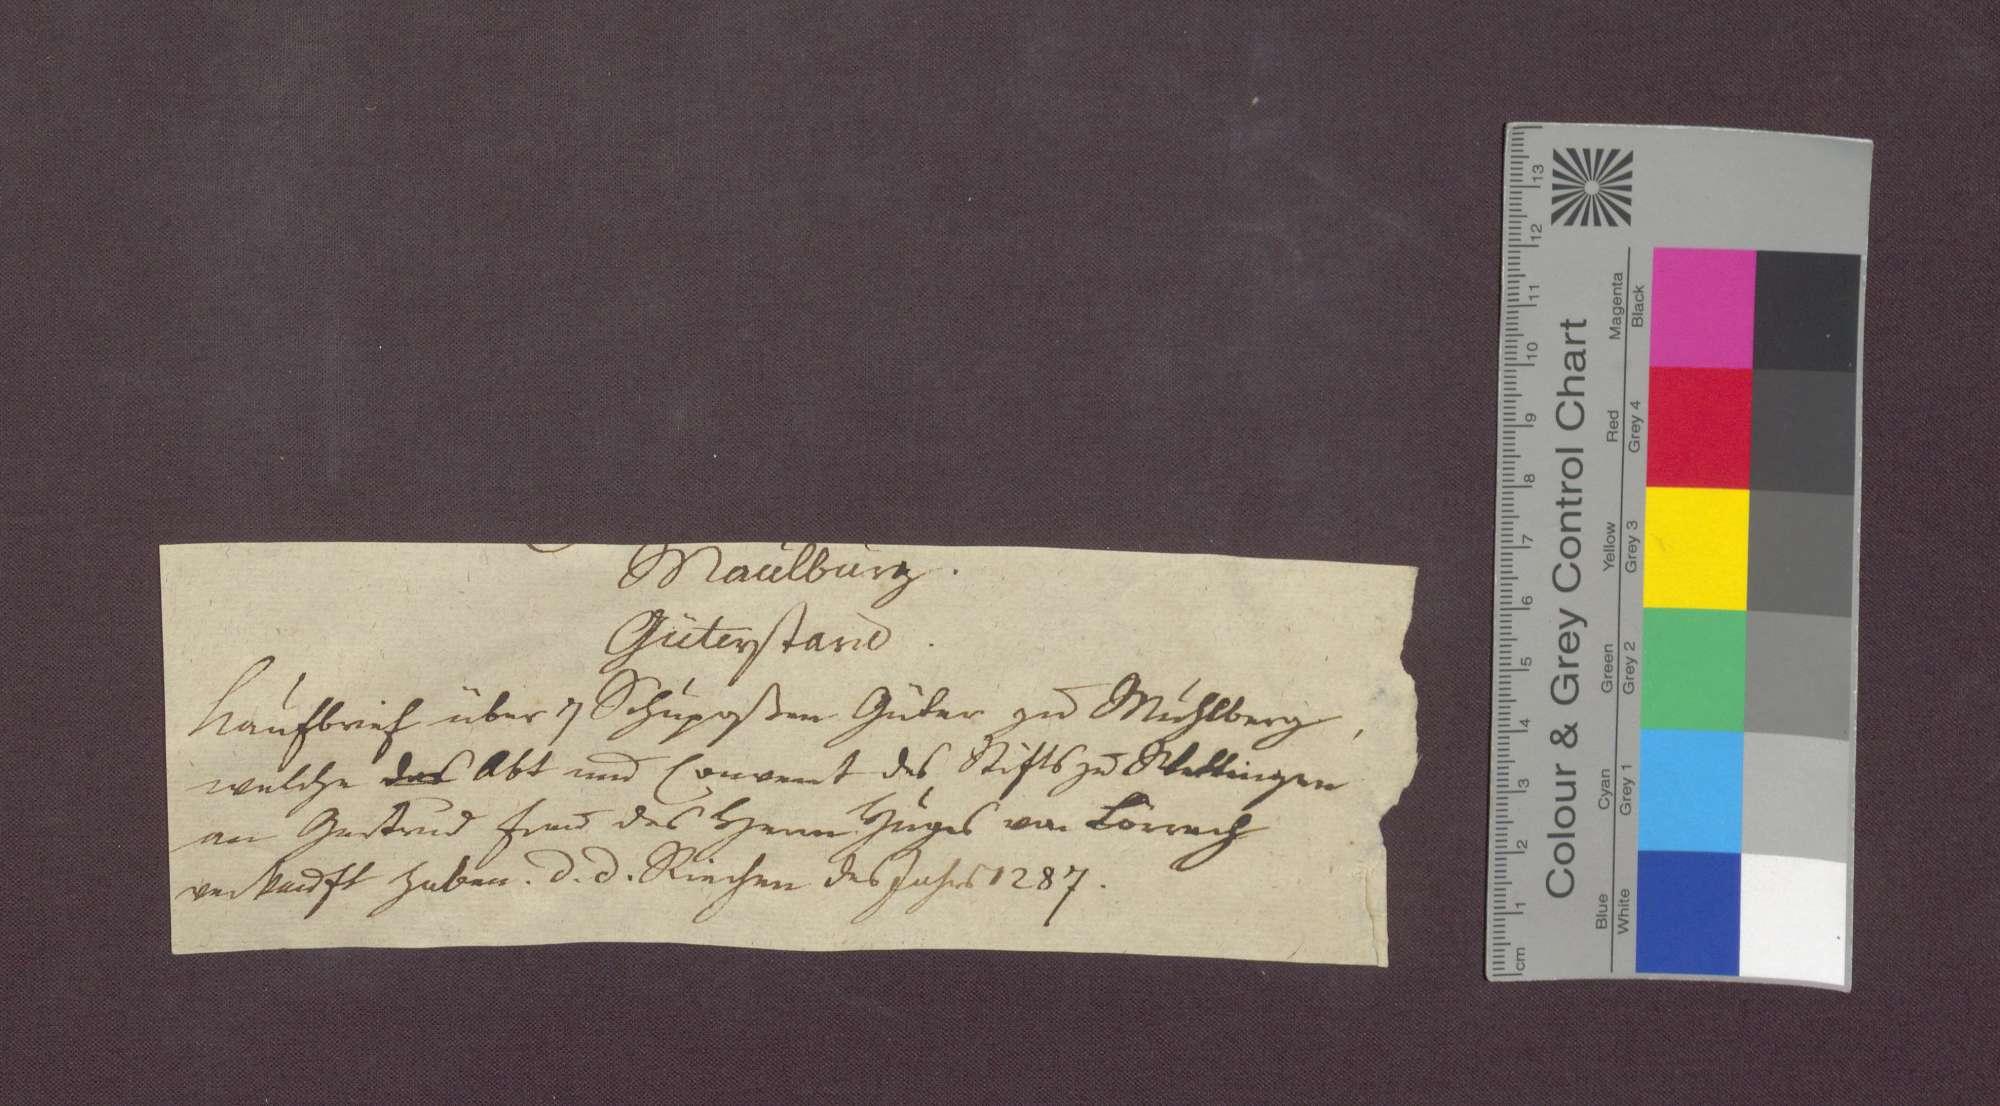 Das Kloster Wettingen verkauft 7 Schupposen in Maulburg an Gertrud, Ehefrau des Hug Vrowin von Lörrach., Bild 1